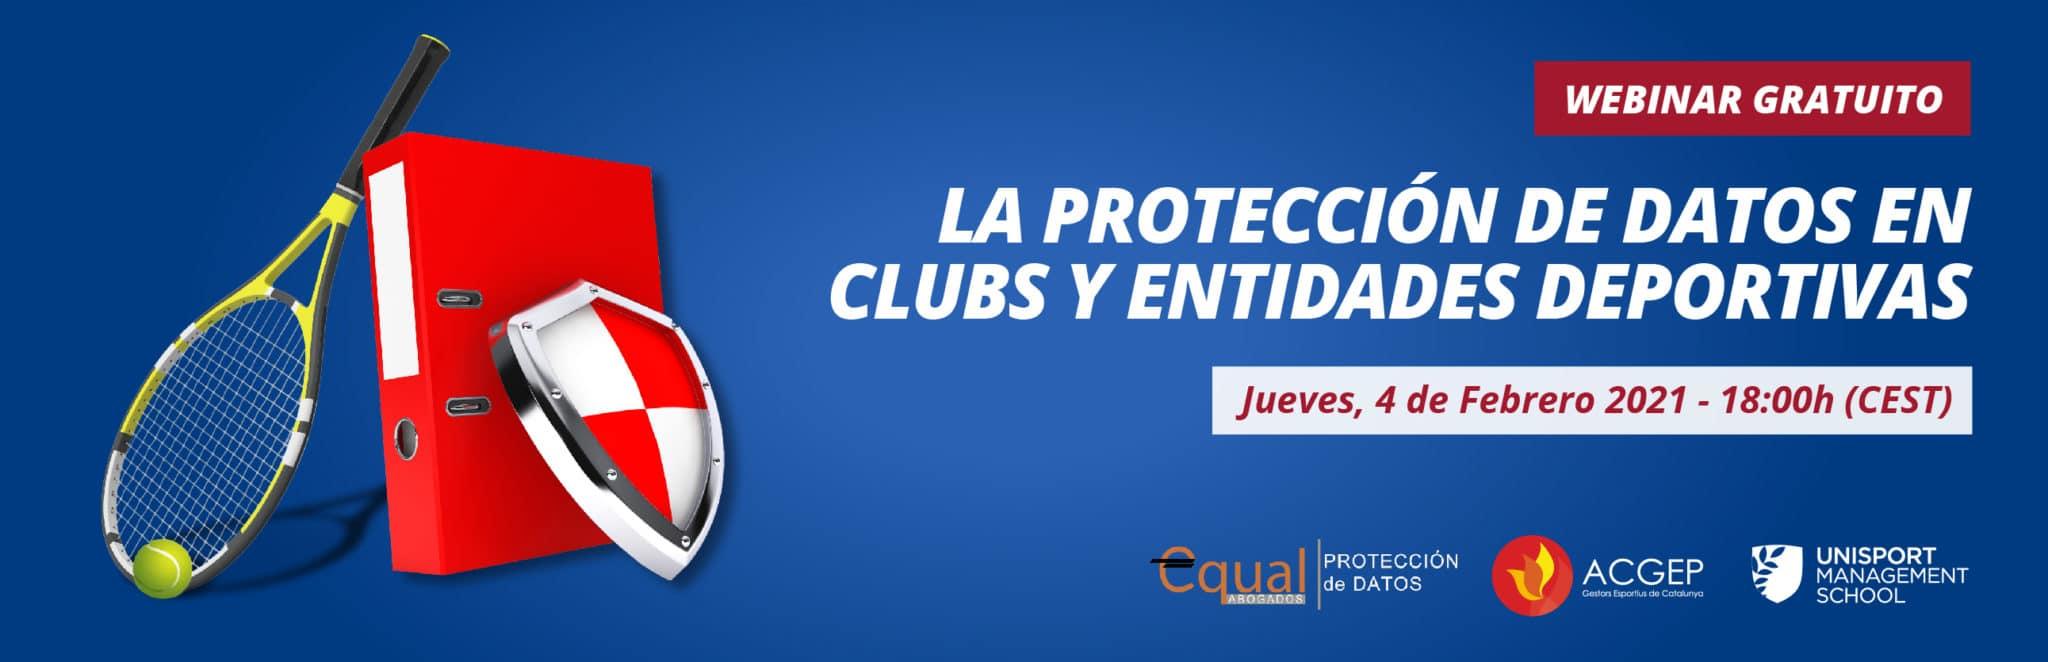 La protección de datos en clubs y entidades deportivas | Unisport Talks | Unisport Management School